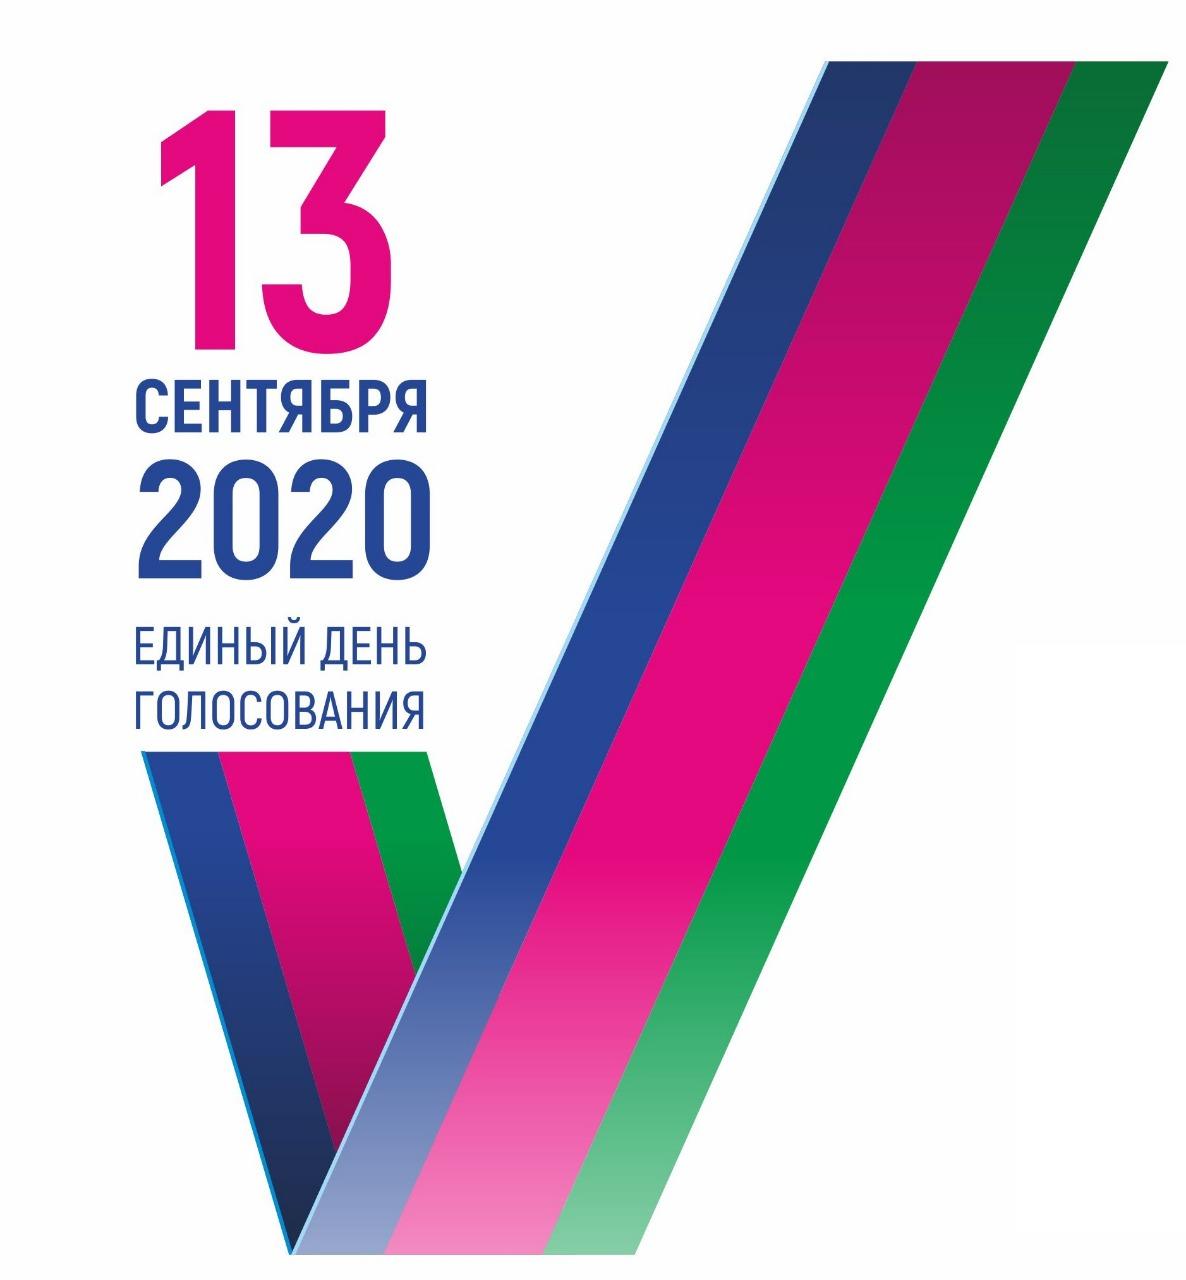 Единый день голосования 13 сентября 2020